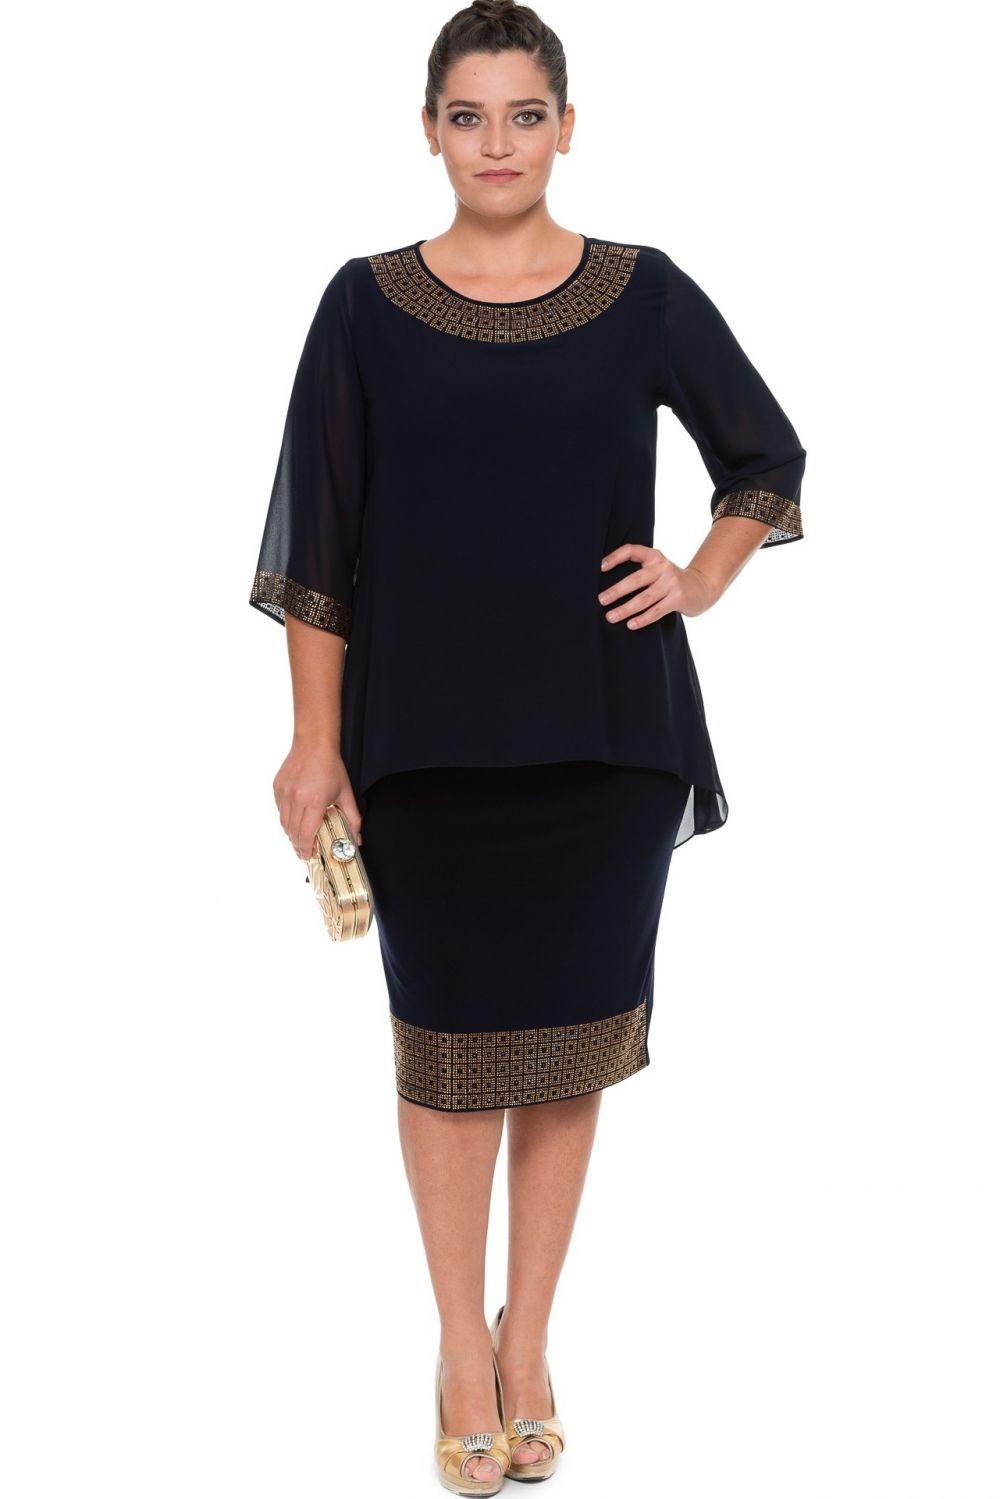 Lacivert Tasli Buyuk Beden Elbise Bc8612 Moda Stilleri Moda Kiyafetler Ve Uzun Mezuniyet Balosu Elbiseleri